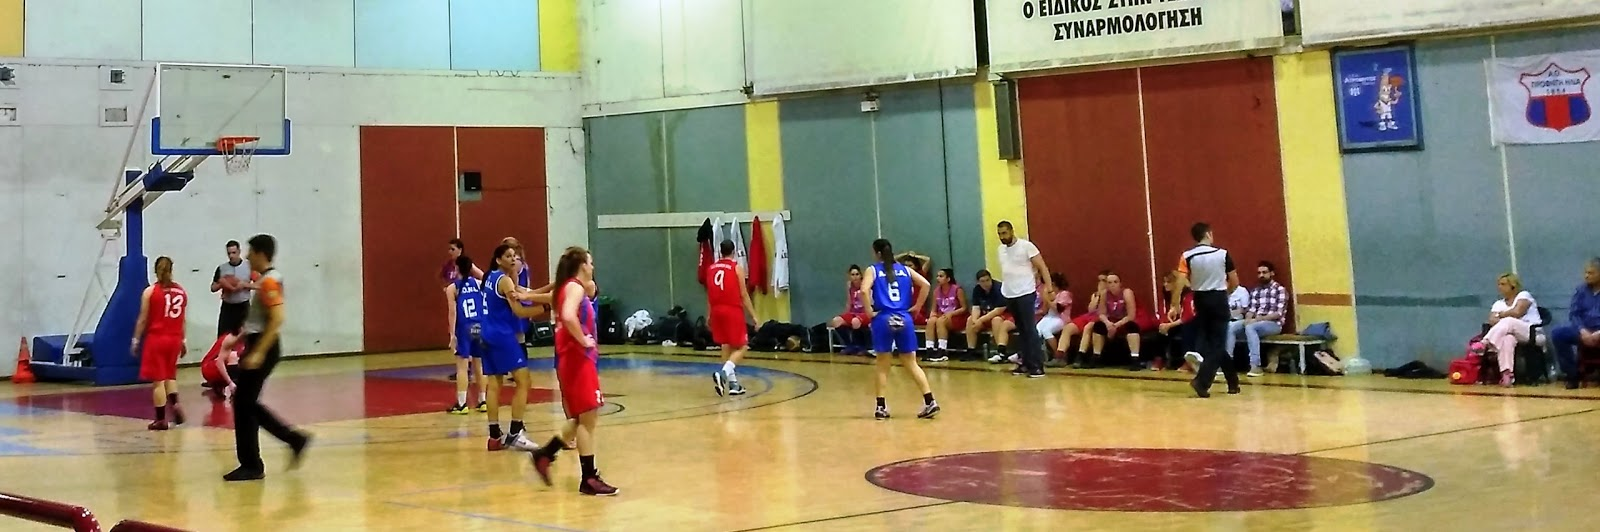 ΓΥΝΑΙΚΕΣ(ΤΕΛΙΚΟΣ) : Break στο break για τον ΑΟΝΑ 46-40 στην παράταση τον Προφ. Ηλία και όλα θα κριθούν την Κυριακή στην Αργυρούπολη (video sportshero)